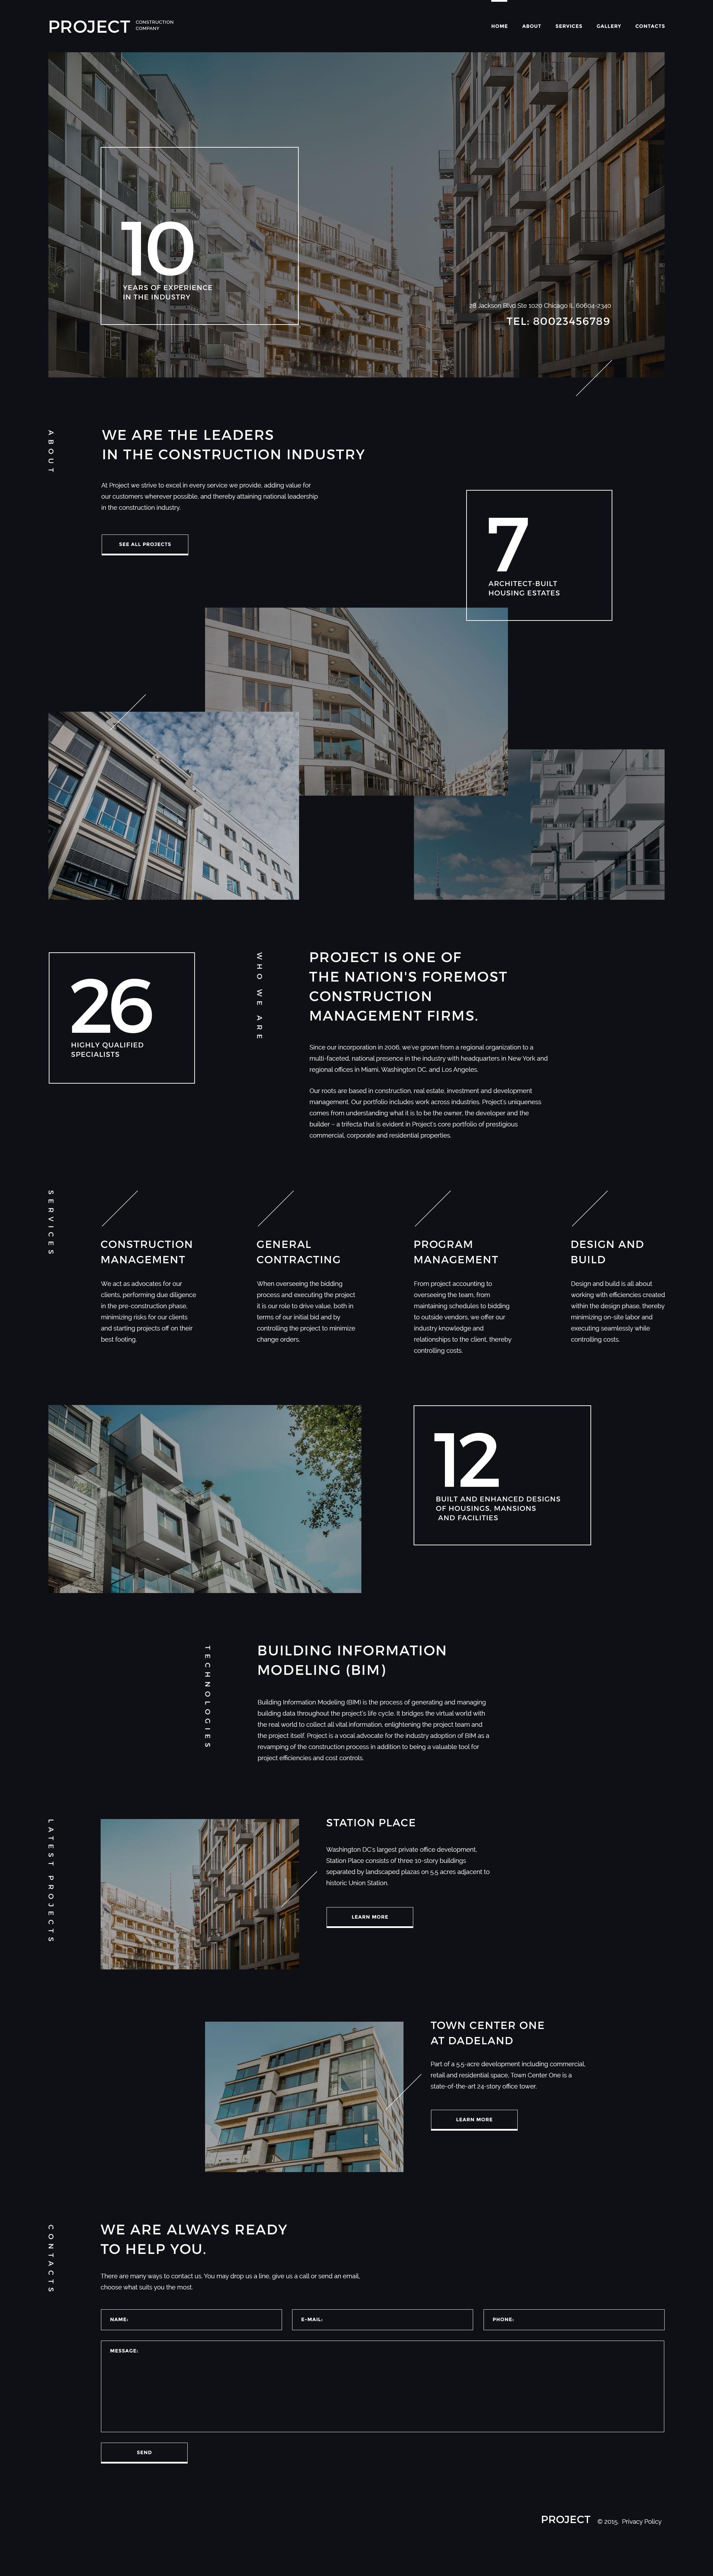 Responsywny szablon strony www Project Construction Company #57947 - zrzut ekranu